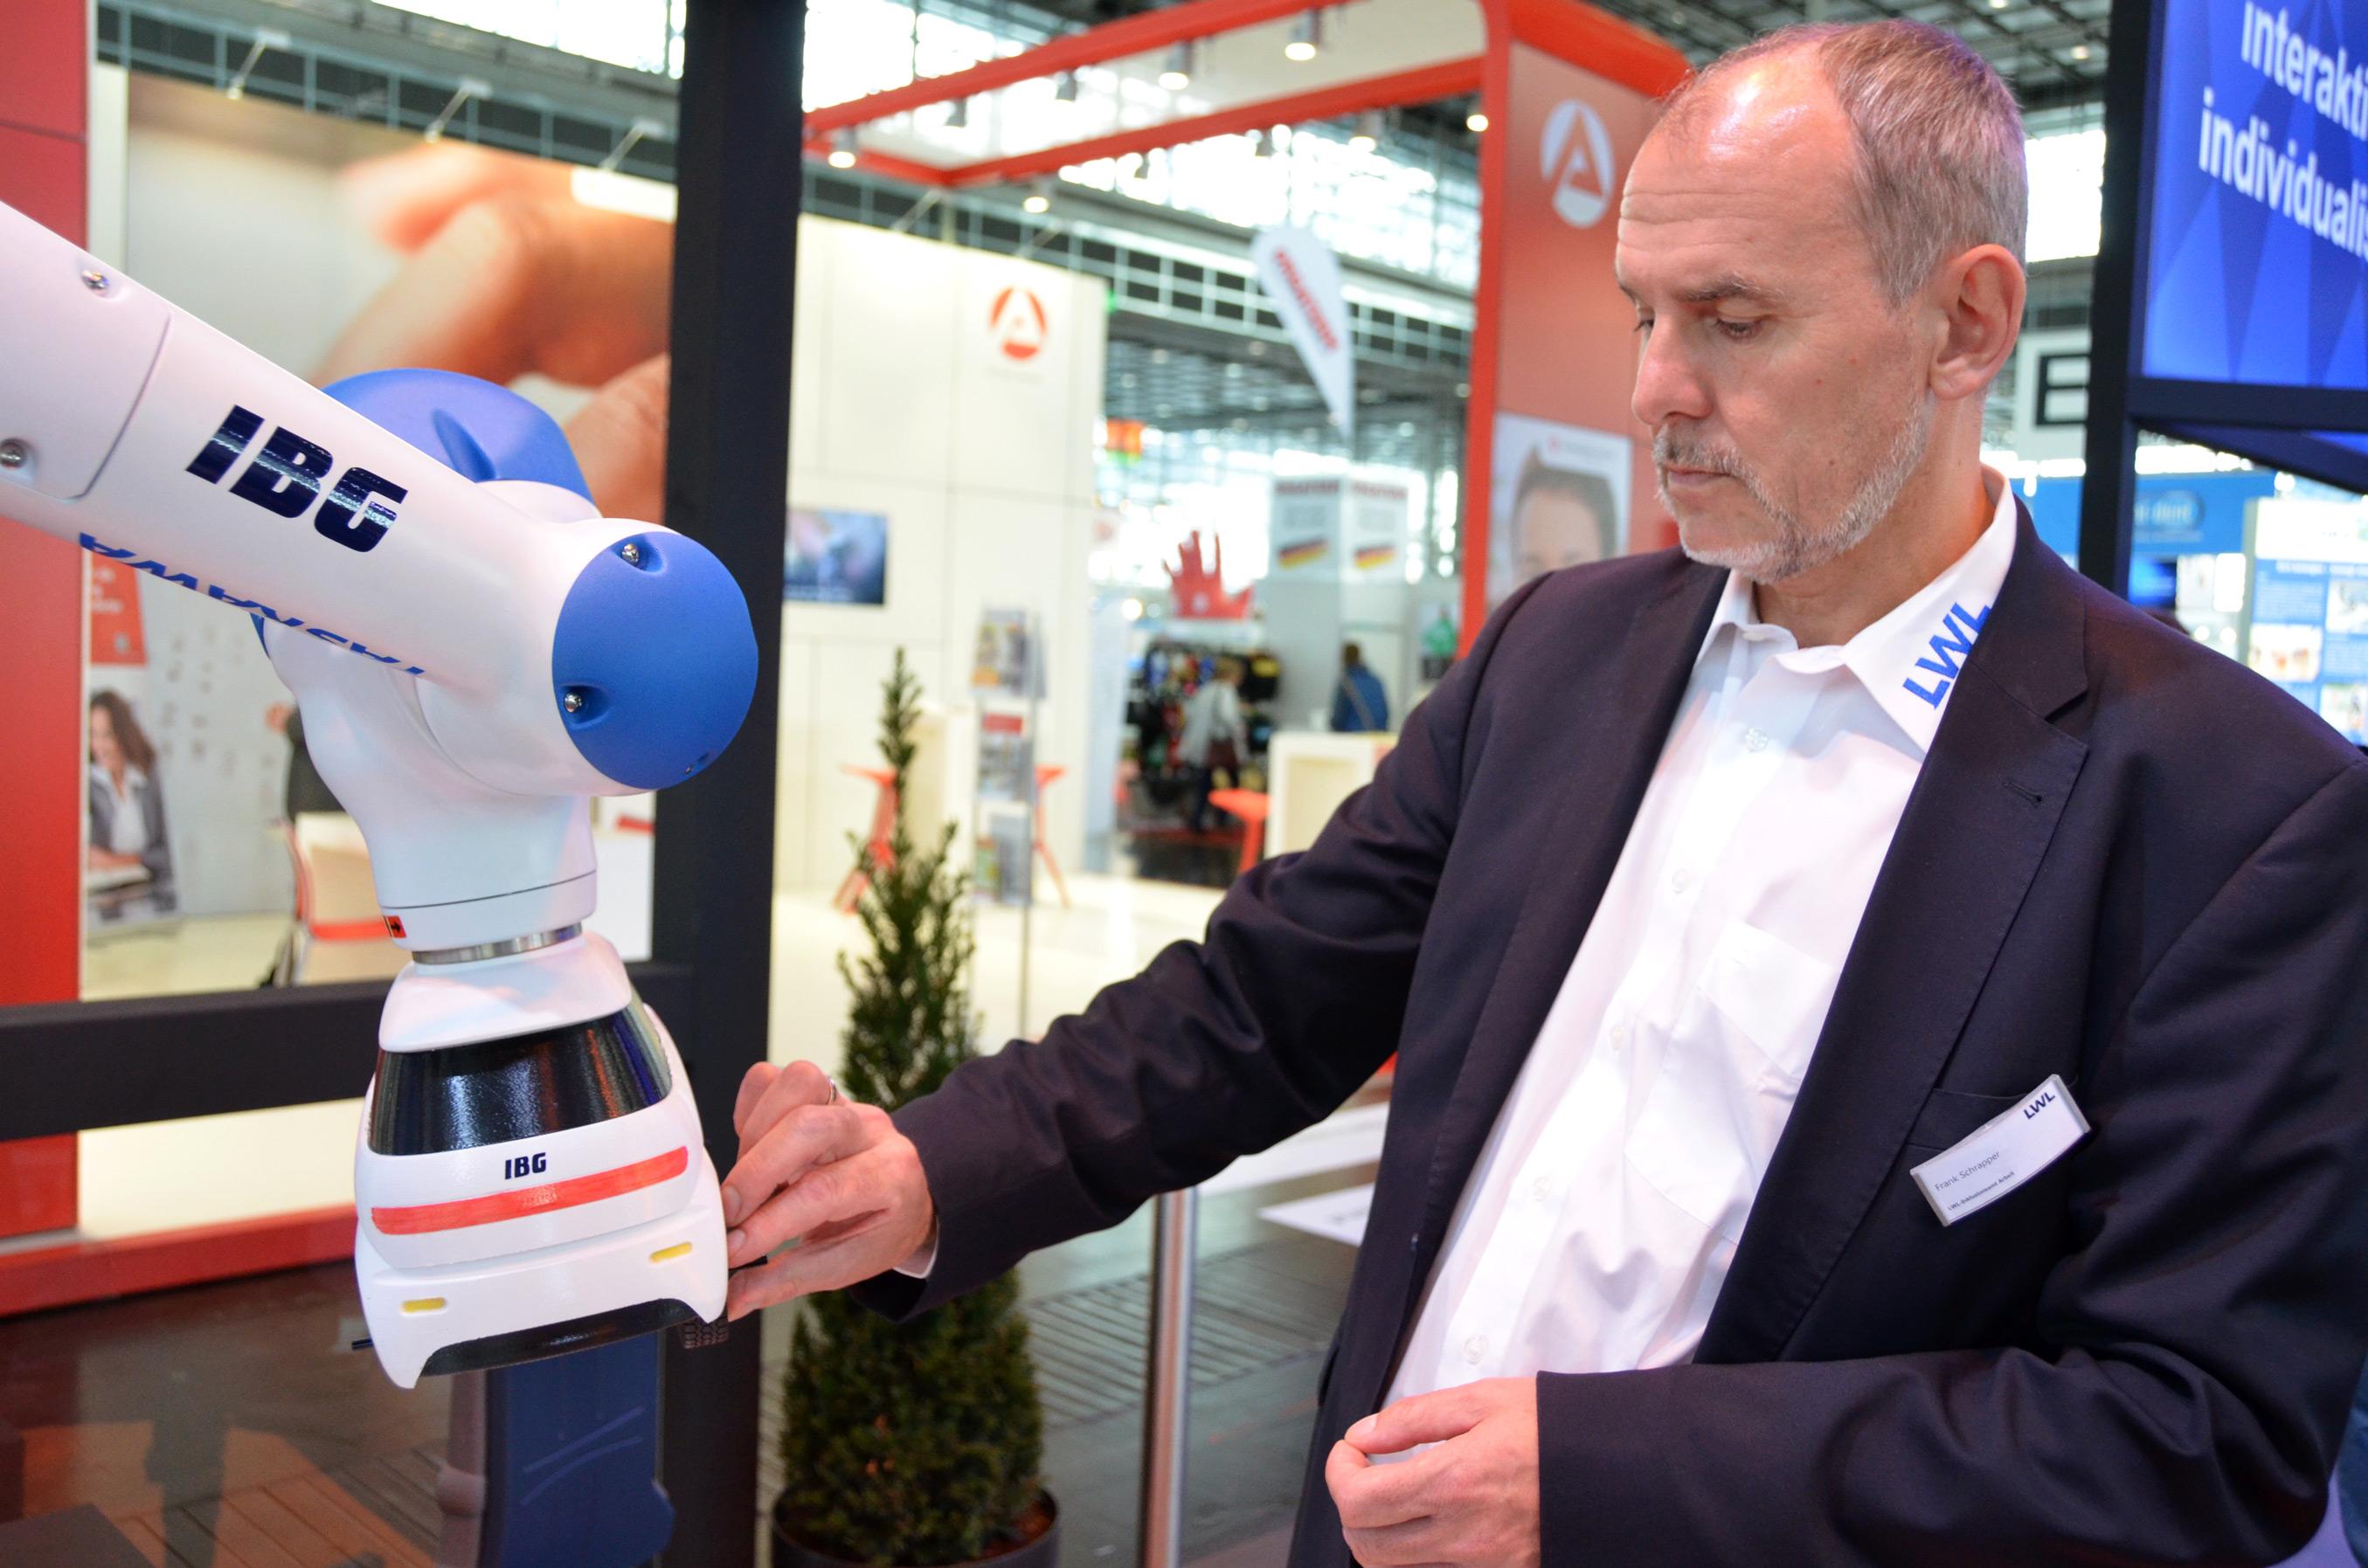 Frank Schrapper bedient gerade den Roboterarm und montiert ein Teil an einem Miniaturauto, das von dem Arm geführt wird.